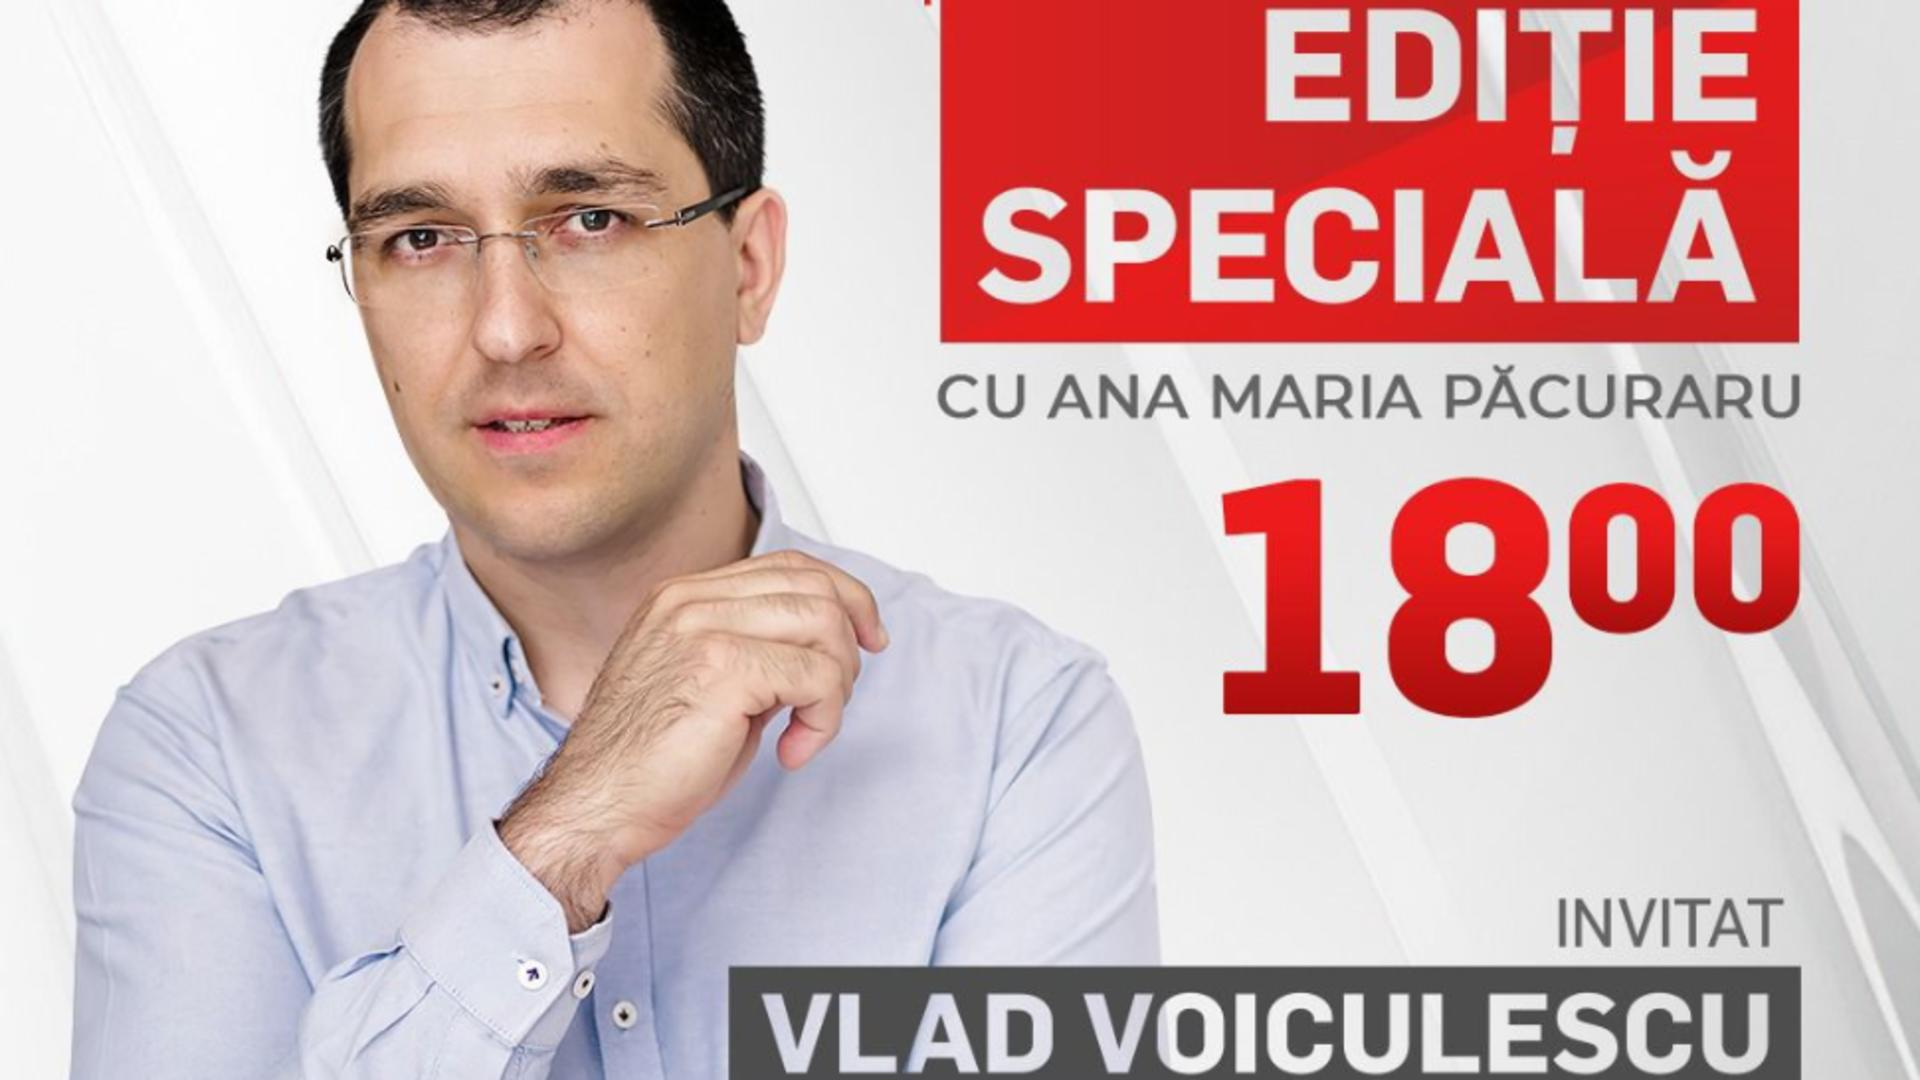 Ministrul-cheie de la care a plecat războiul pe viață și pe moarte dintre Florin Cîțu și USR PLUS, Vlad Voiculescu